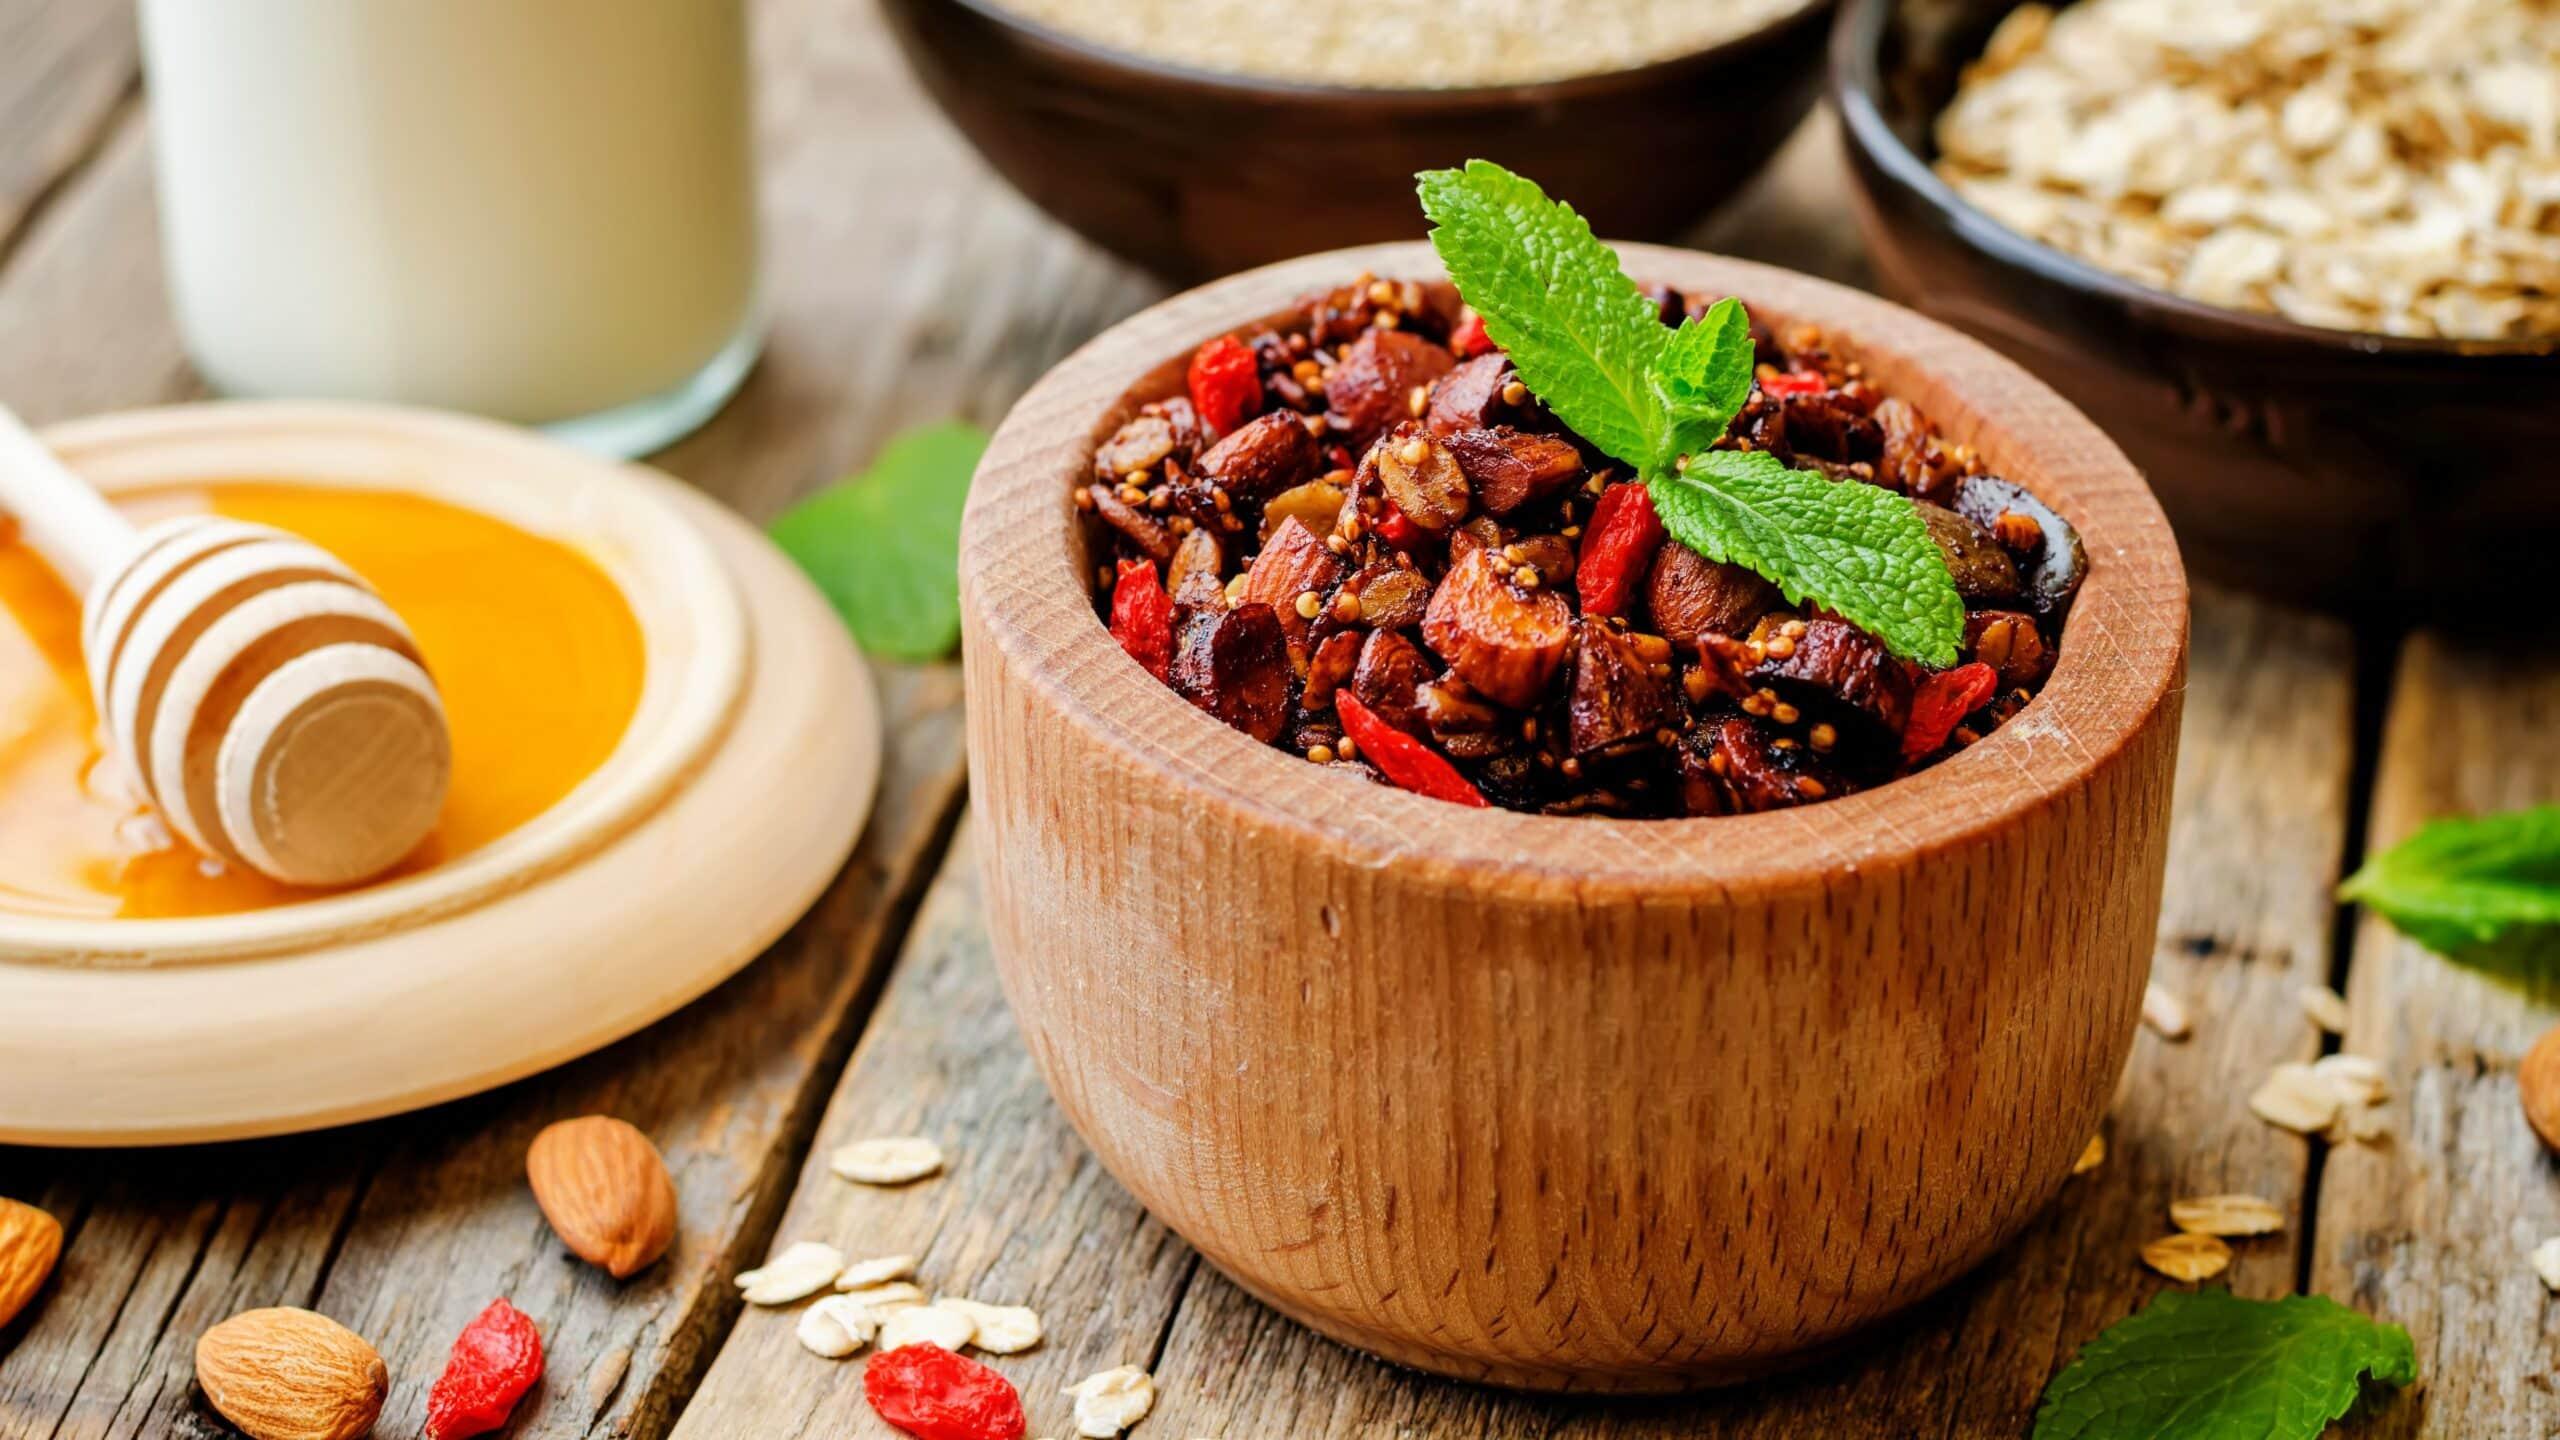 Granola mit Quinoa und Heidelbeeren in einer hellen Holzschüssel neben Honig und Haferflocken auf einem hellen Holztisch.